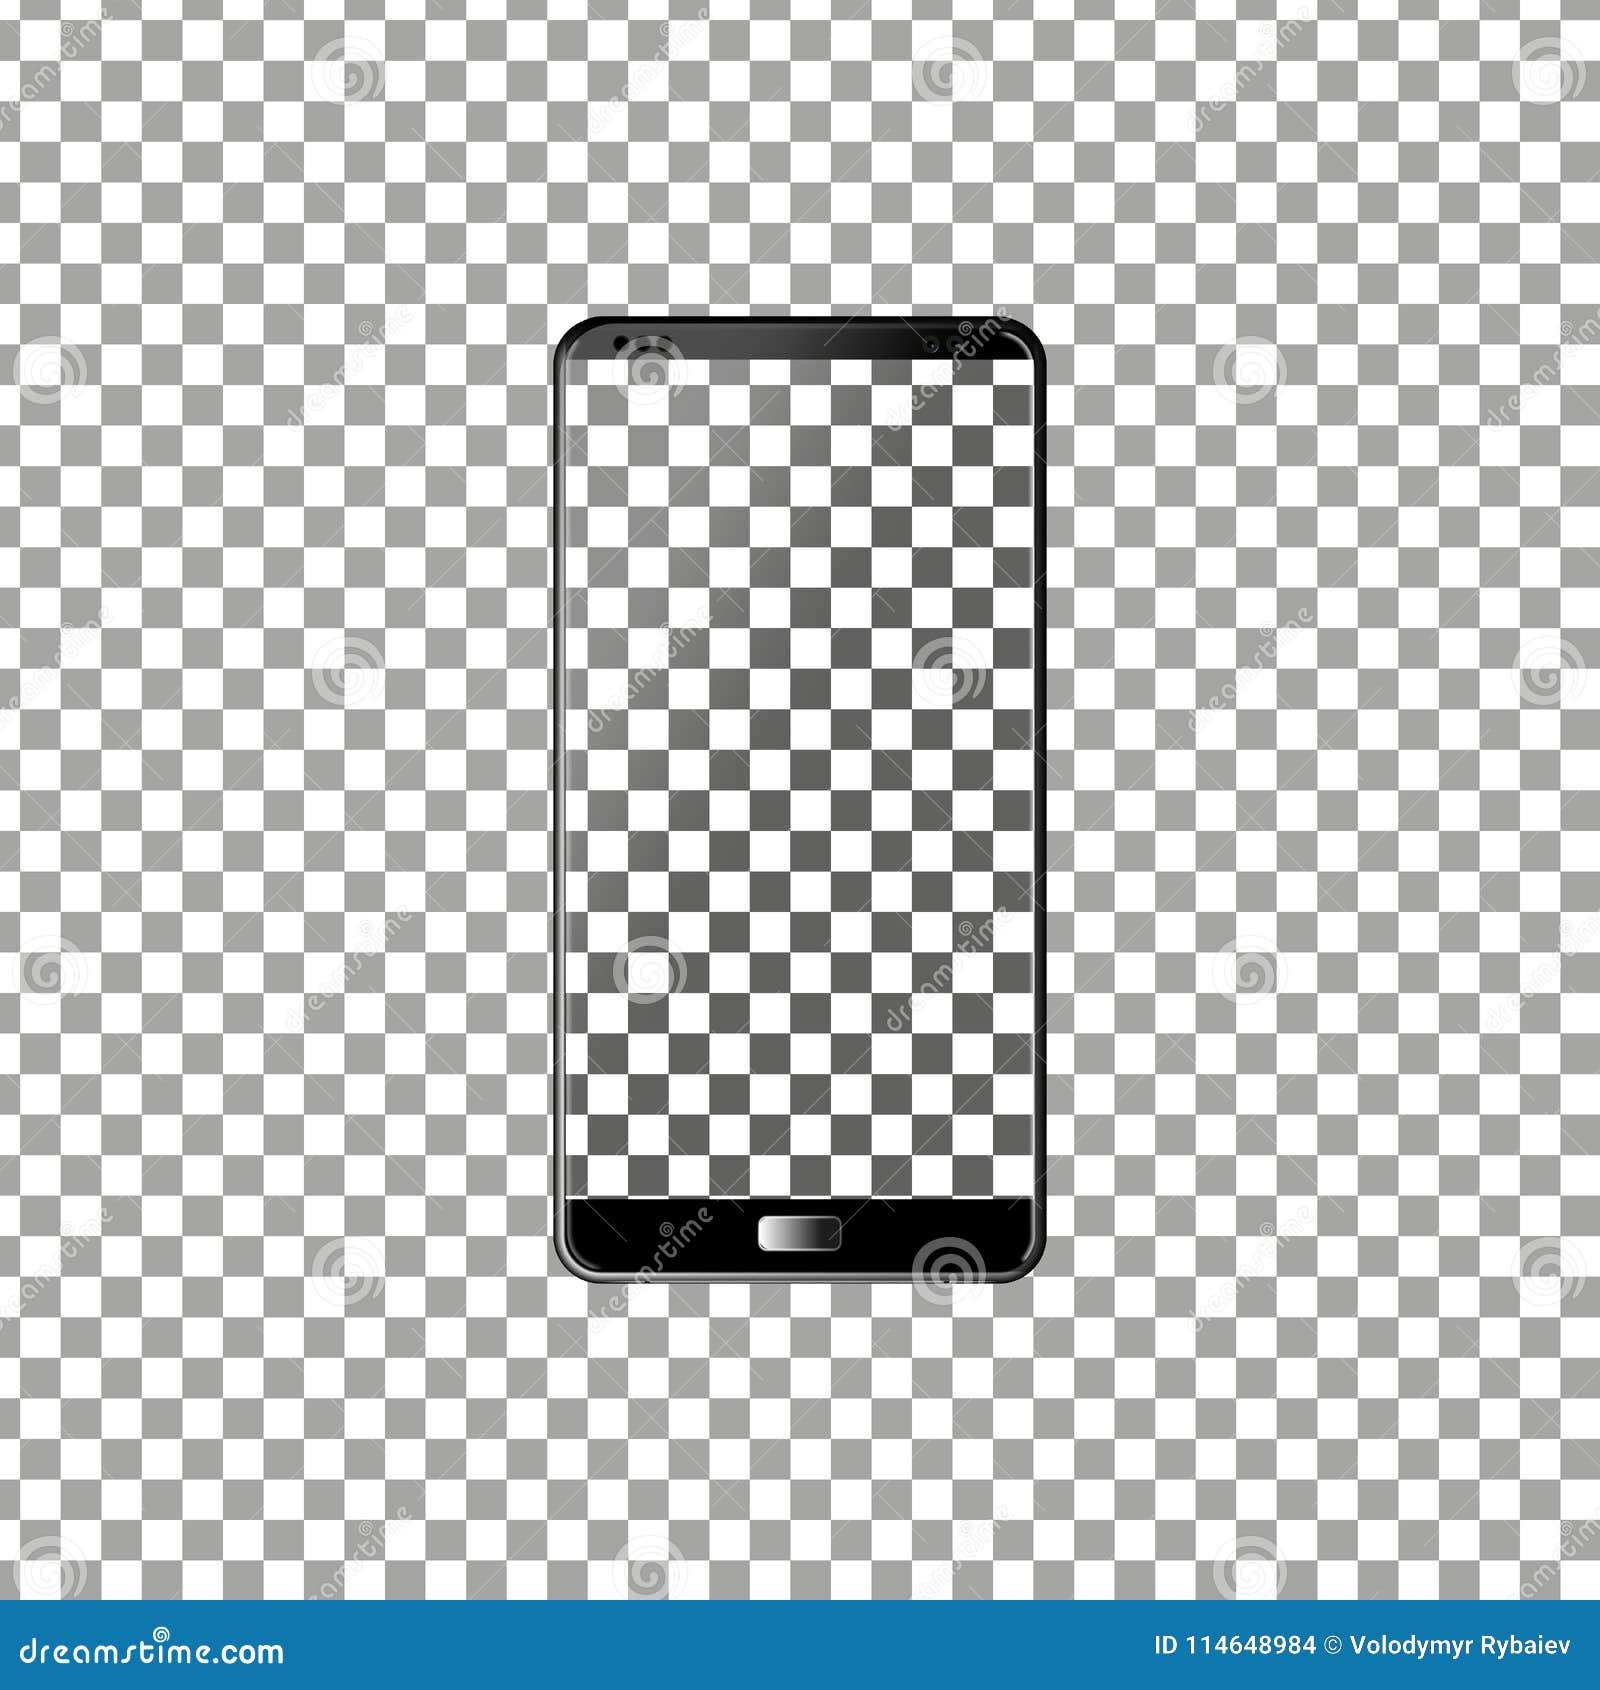 Hintergrund transparent welches format